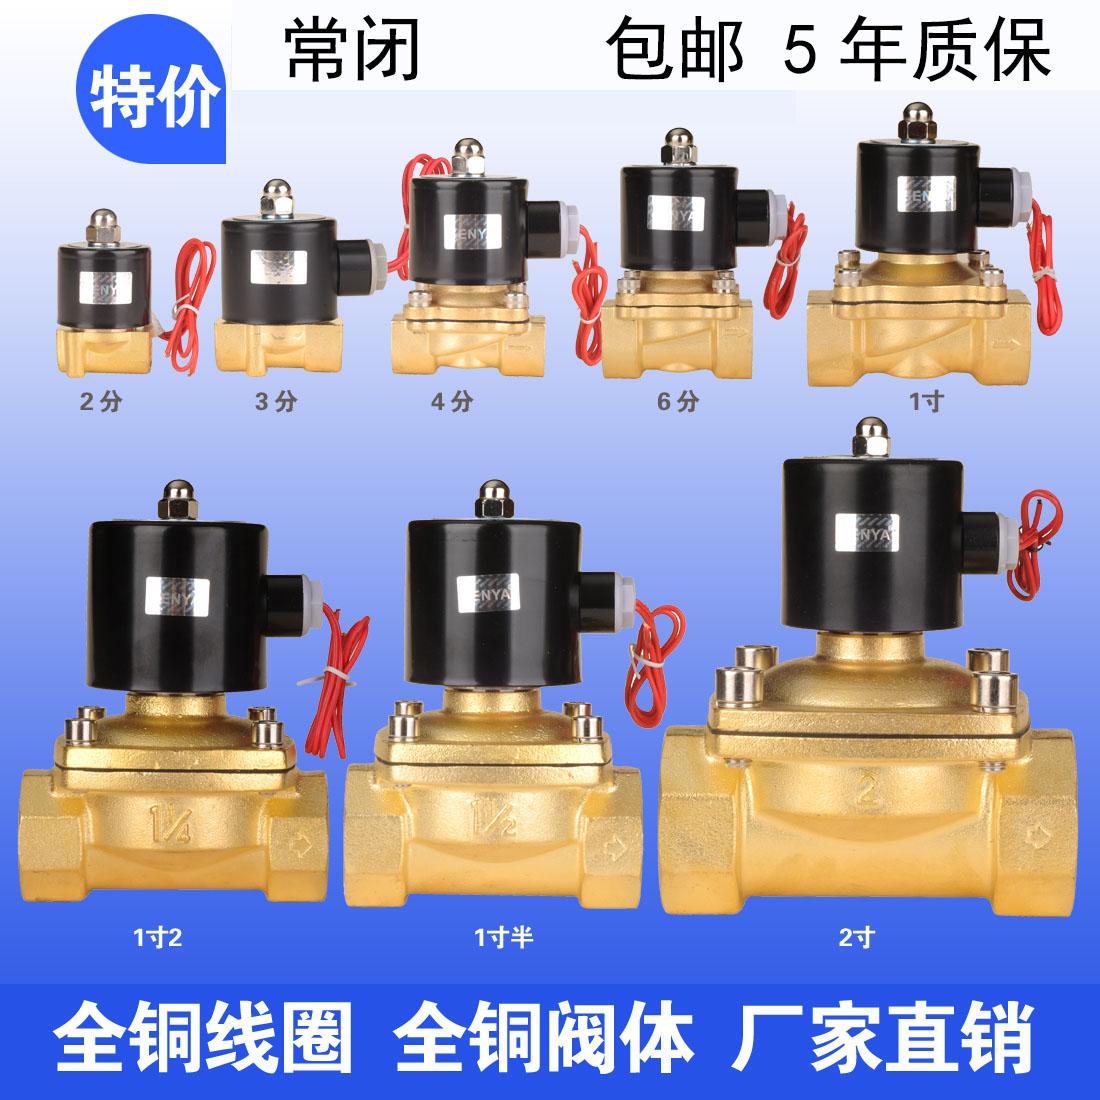 Válvula de solenóide Da válvula de água de bronze válvula de ar. Muitas vezes 24V12V2 EM 4 Pontos, 6 Pontos por polegada spot 1